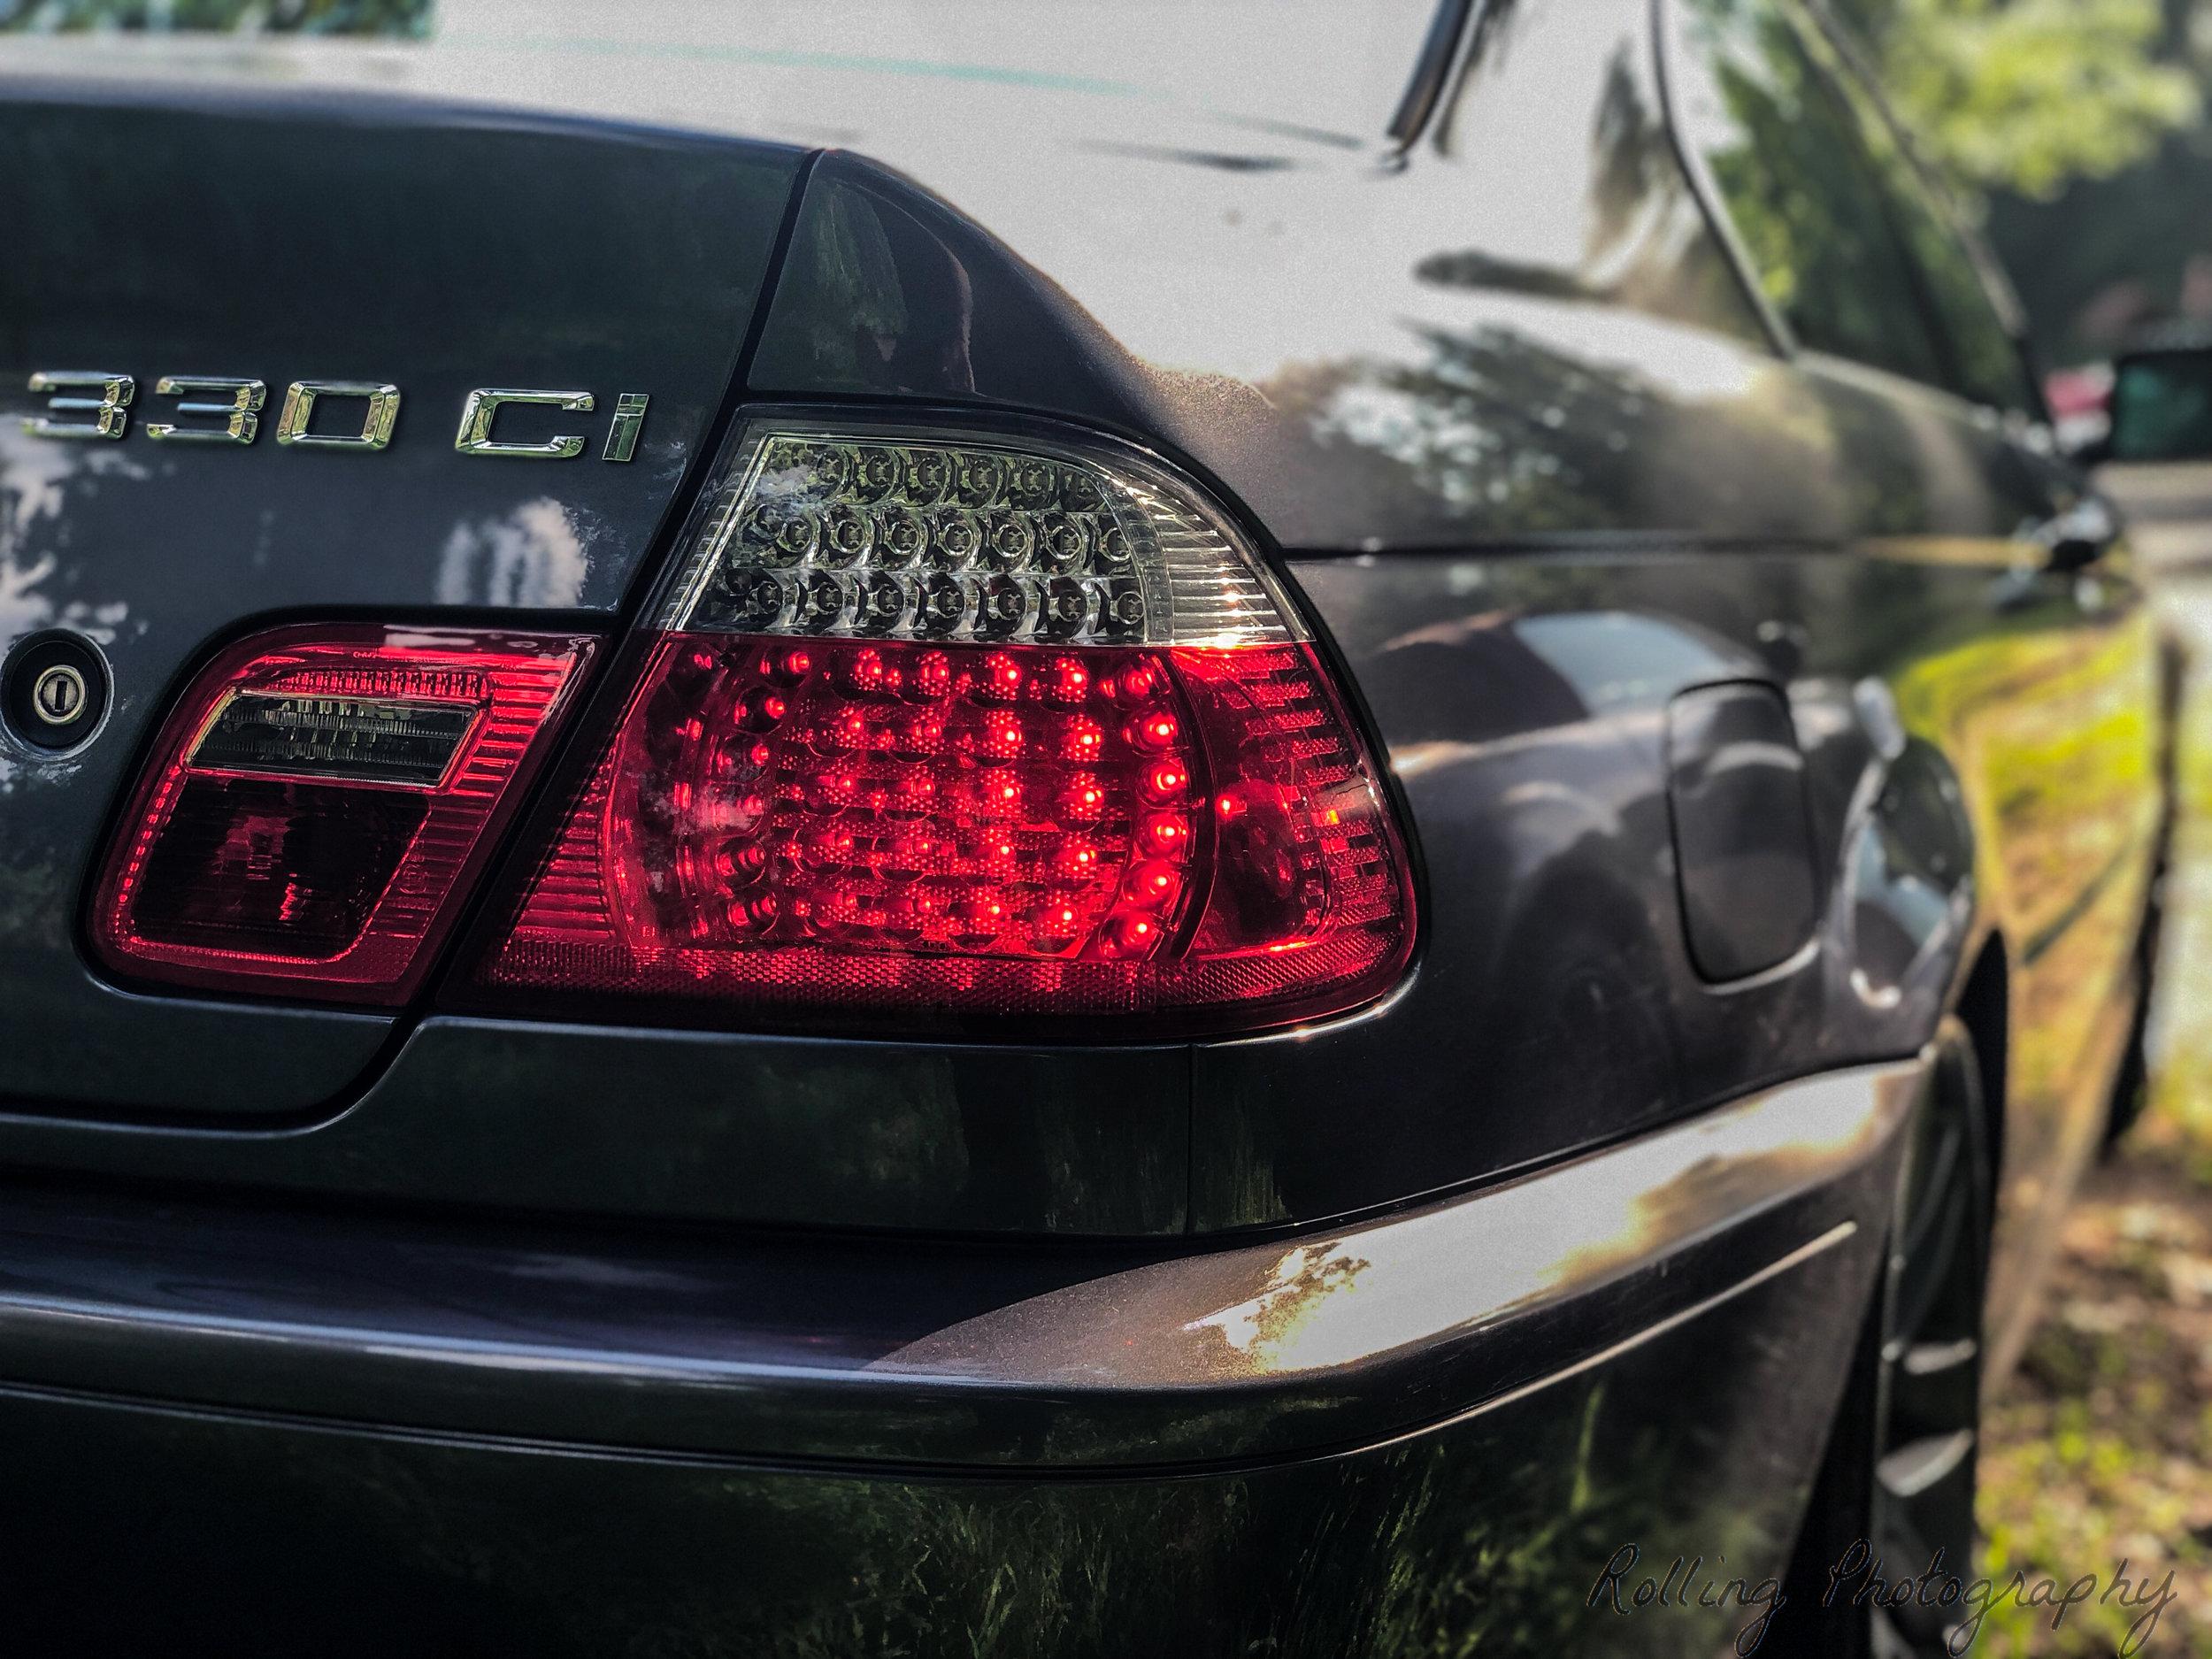 330ci rear right.jpg